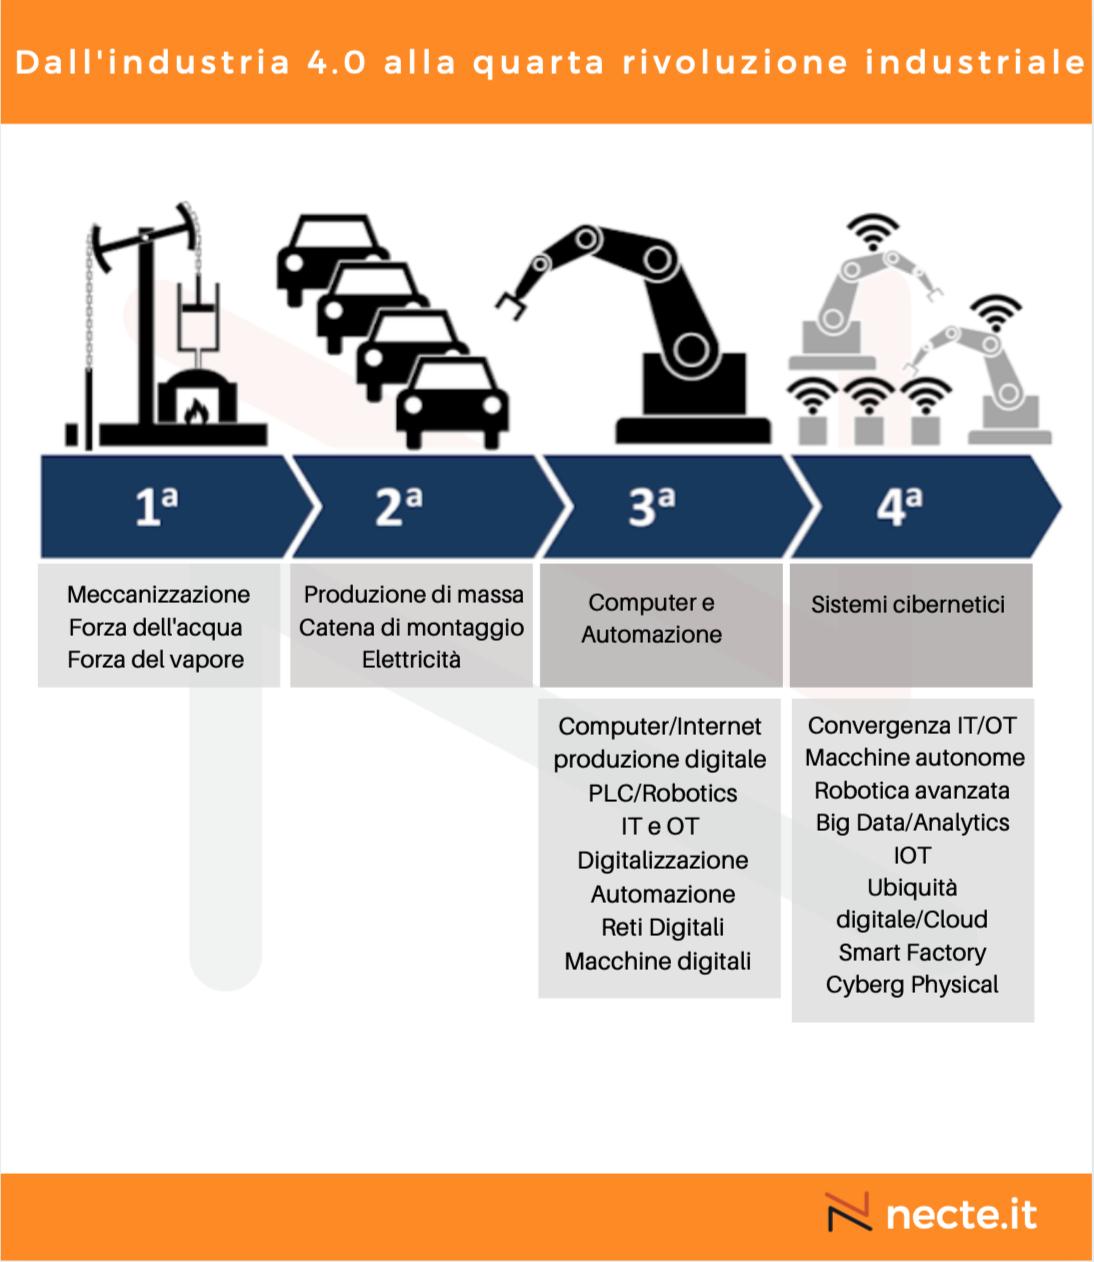 Dall'industria 4.0 alla quarta rivoluzione industriale